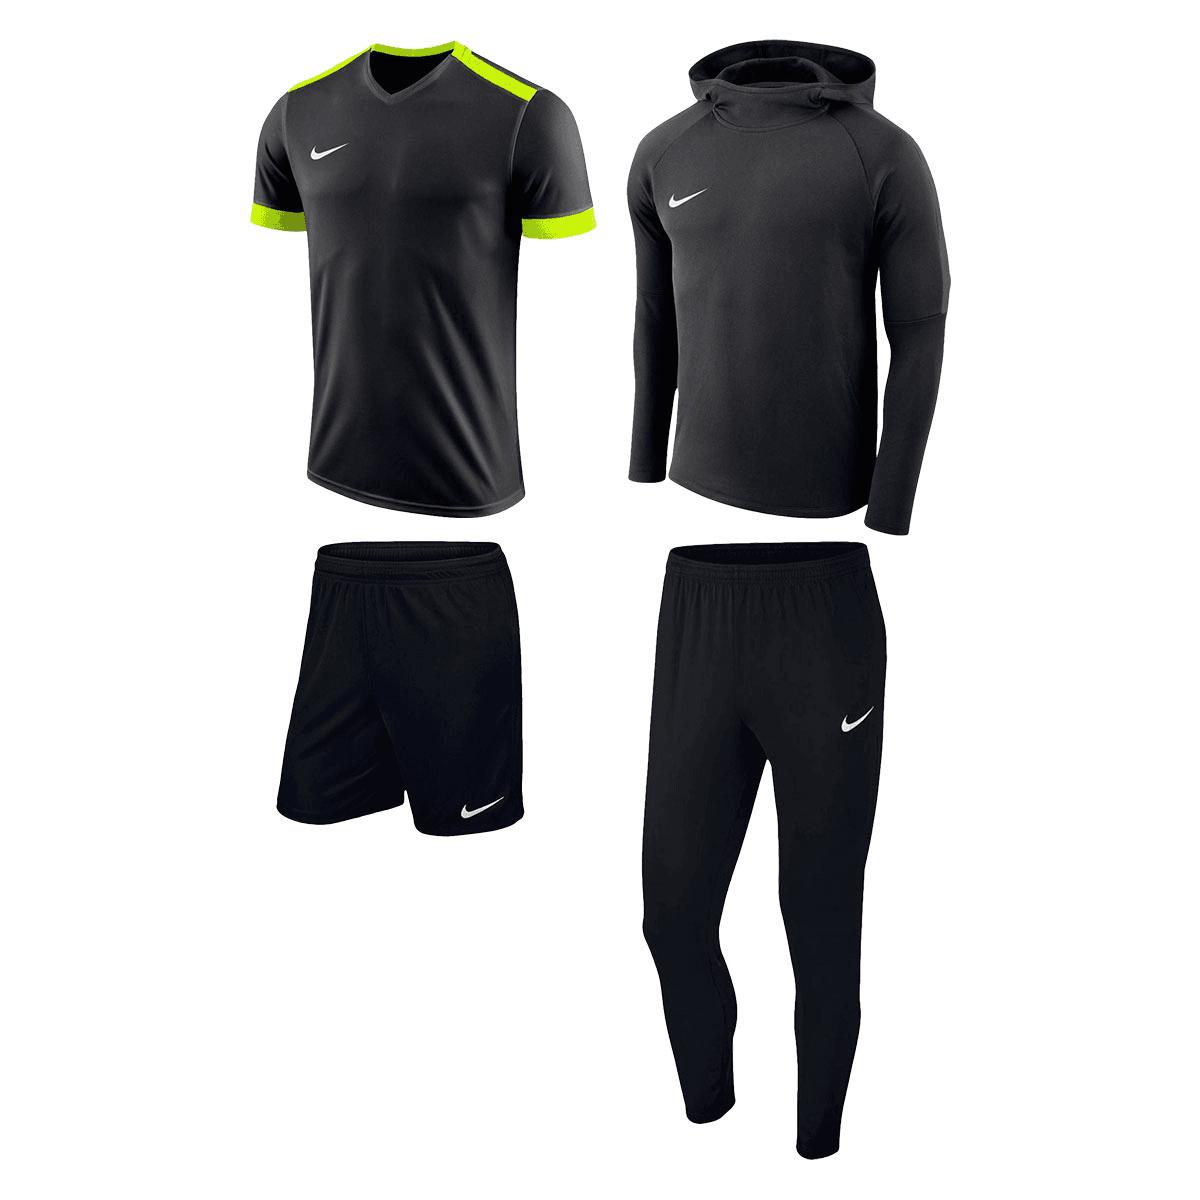 Preis gesenkt: Nike Trainingsset Premium 4-teilig in div. Farben + 2 Energy Cake Riegel (125g) gratis on top